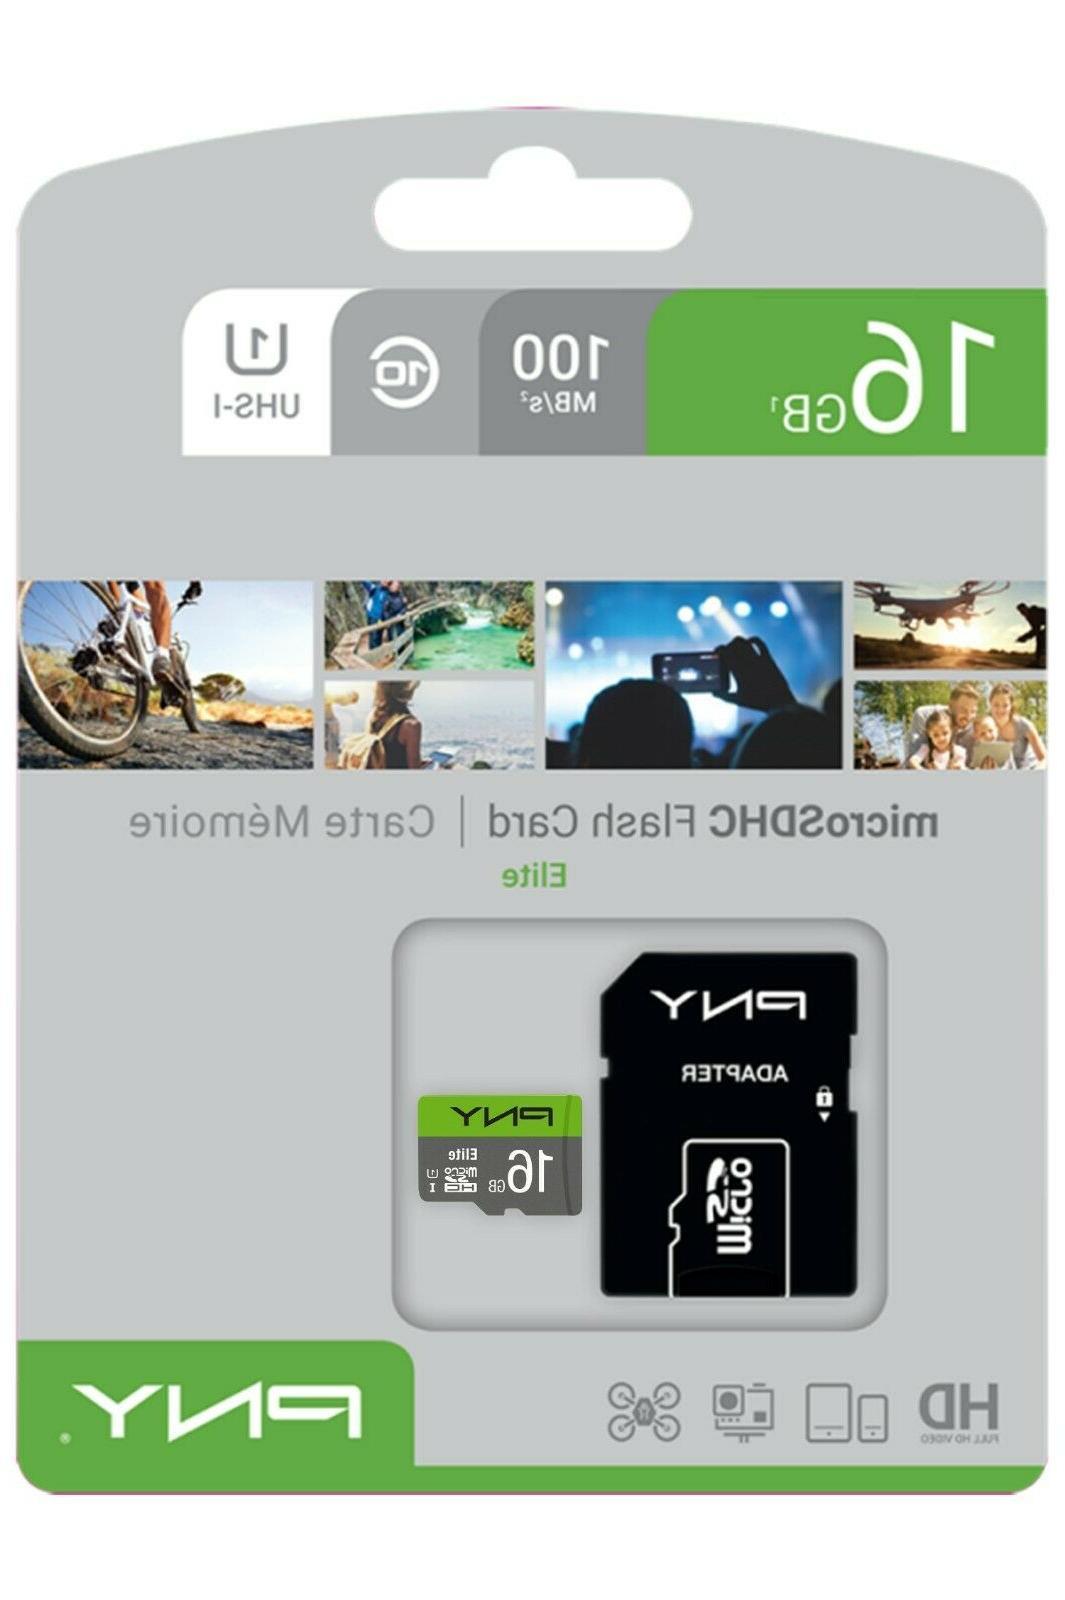 128GB SD Card 10 DJI Drone GoPro Hero8 Security